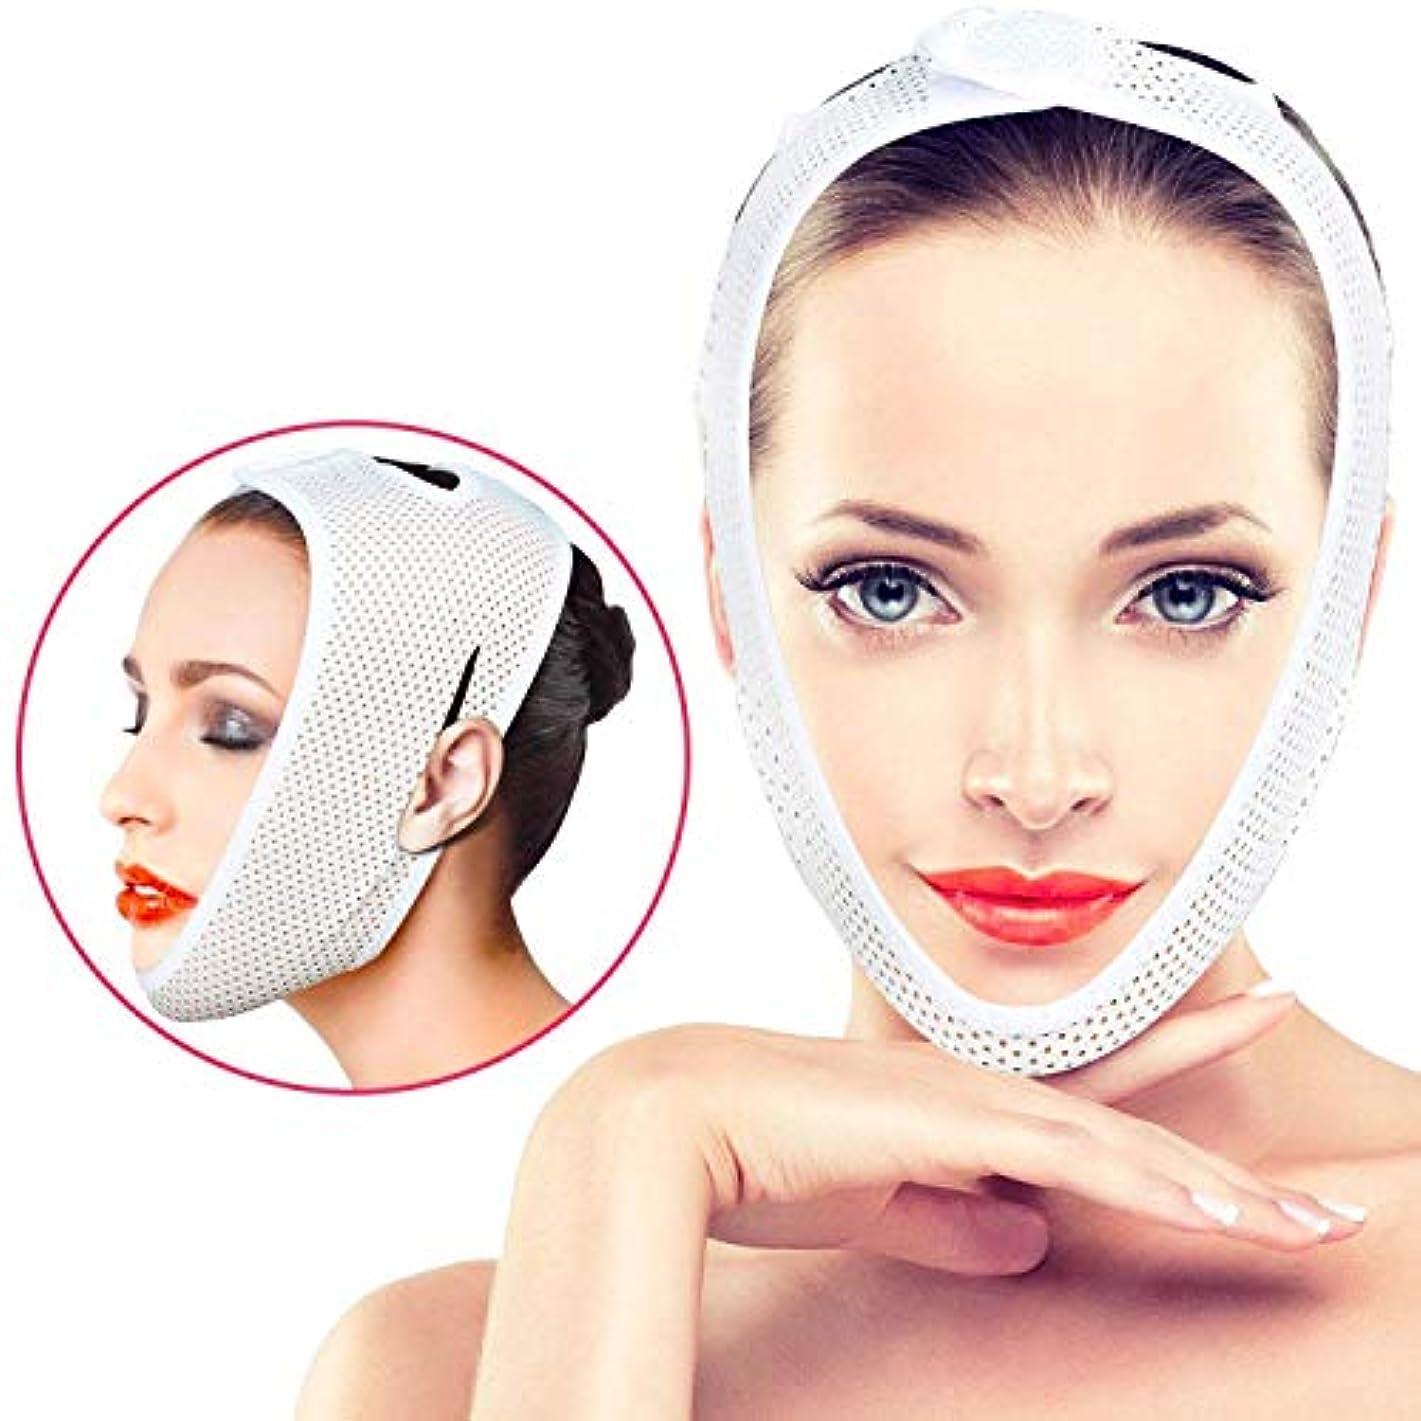 考えるリード願望WSJTT パッチ通気チンケアを締め付け女性のための顔のリフティングベルト、Vラインチンチークリフトアップバンドアンチリンクル包帯、スリミング包帯二重あごケア減量Vフェイスベルト補正ベルト